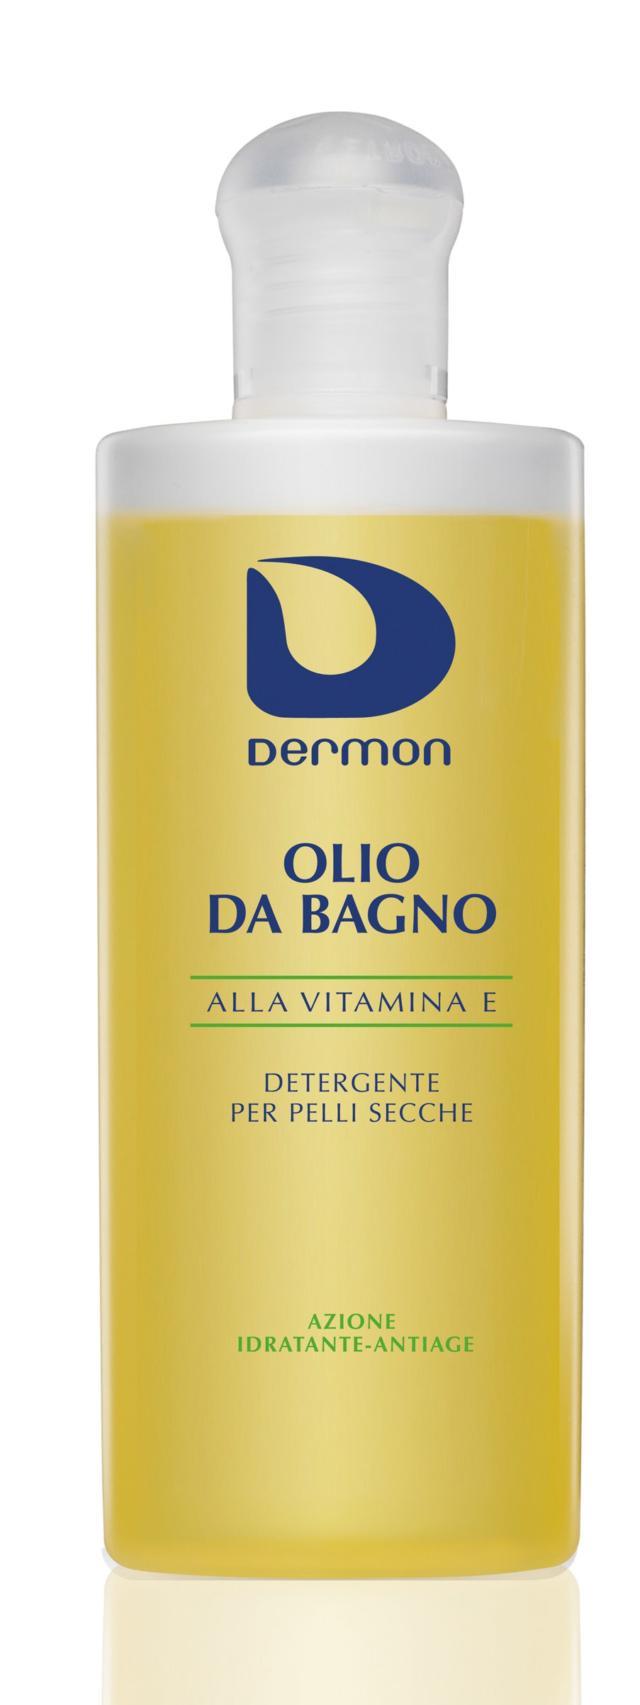 Olio da bagno con vitamina e dermon bimbi sani e belli - Olio da bagno dermon ...